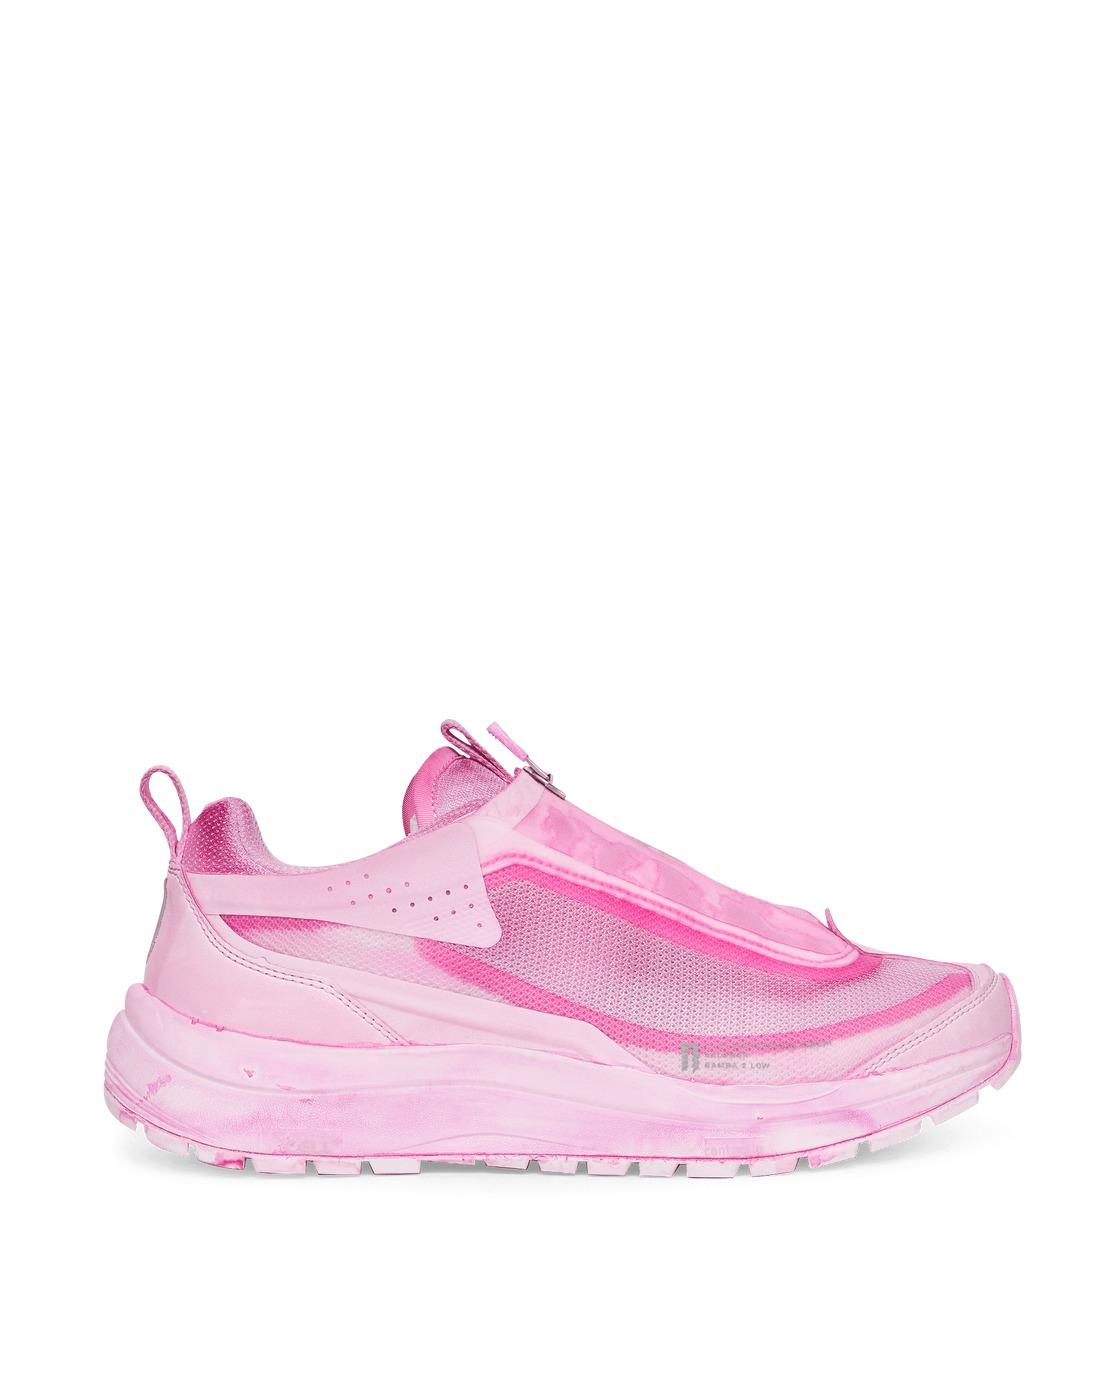 Photo: Salomon Boris Bidjan Saberi Bamba 2 Low Sneakers Pink Panther